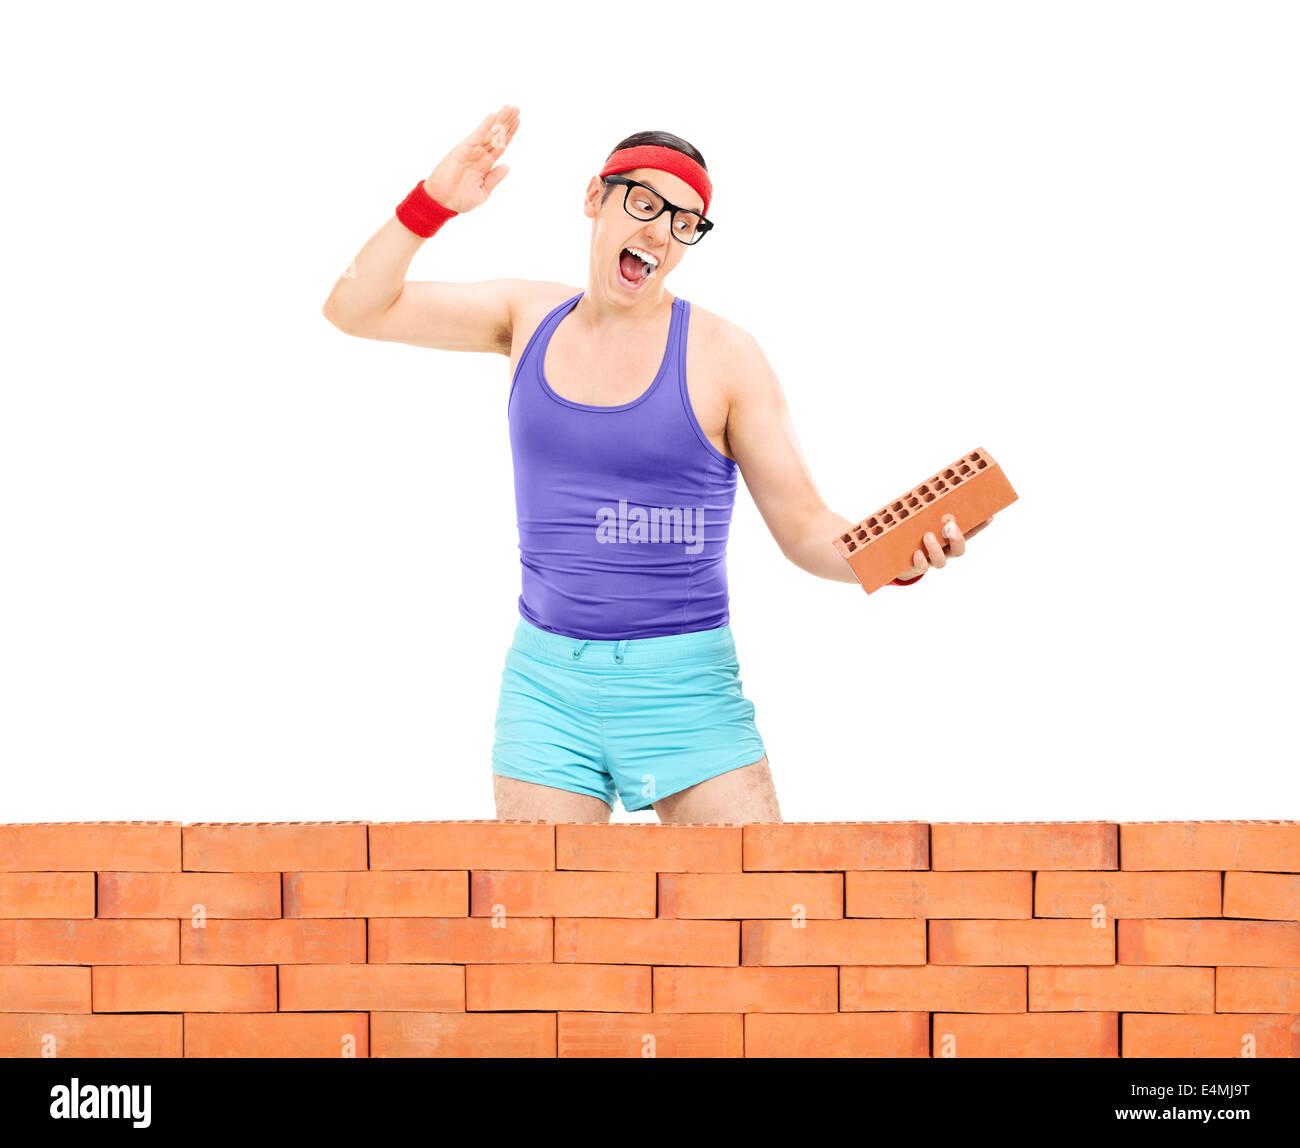 Man smashing a brick behind a brick wall - Stock Image